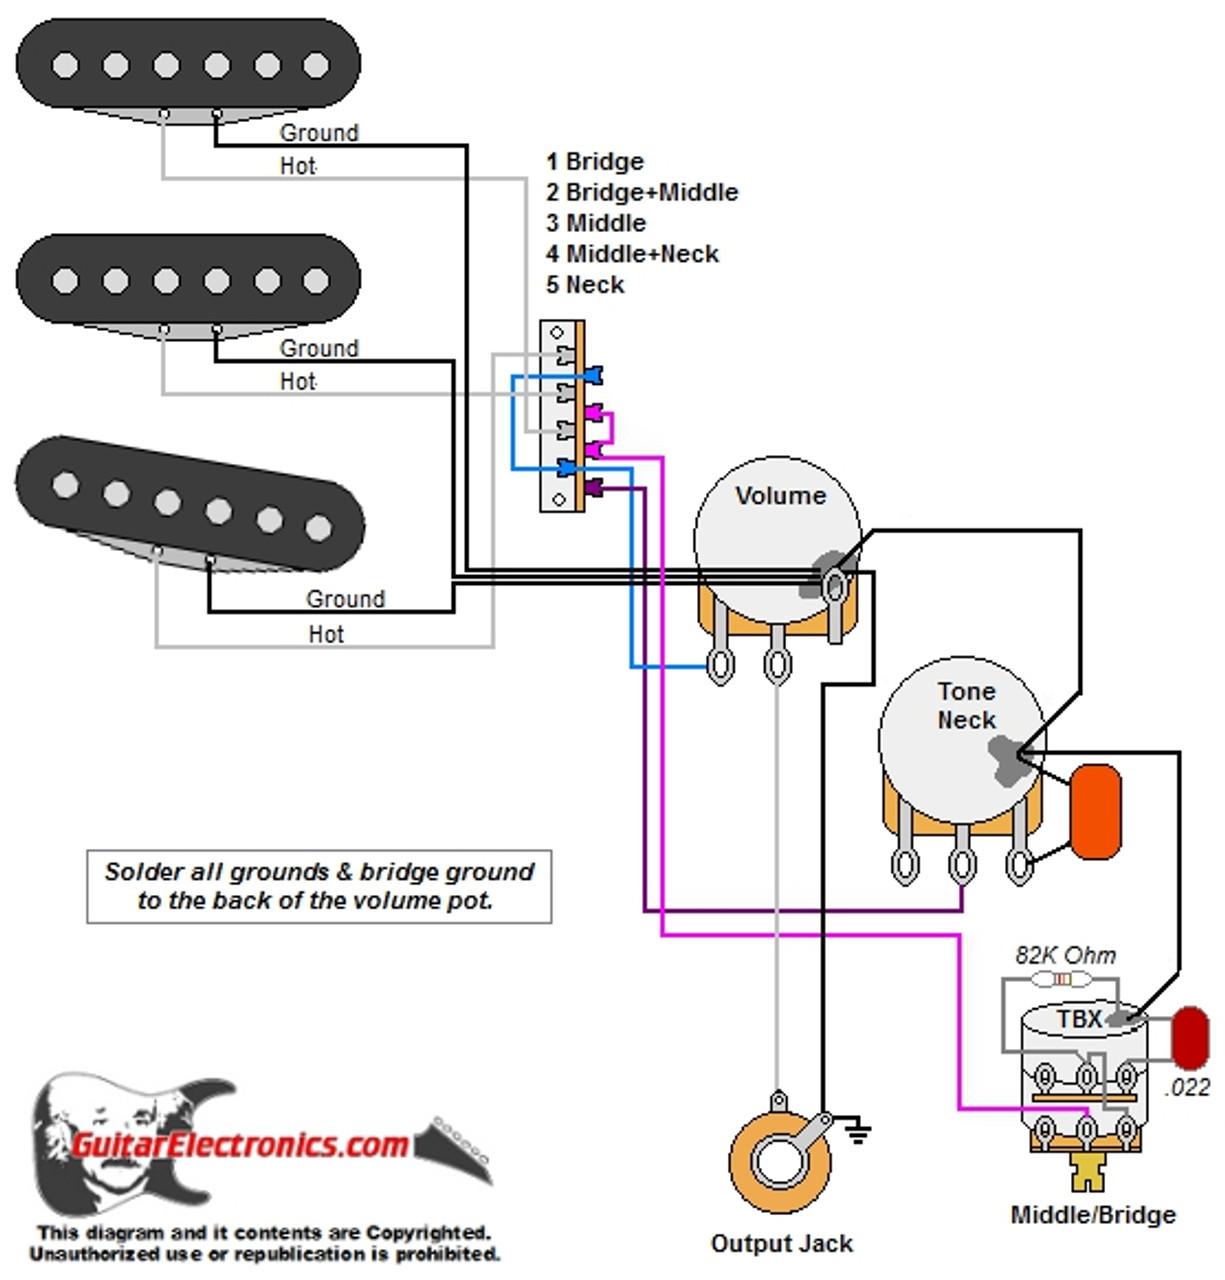 hight resolution of strat w tbx tone control fender strat pickguard wiring diagram wdusss5l1205 92758 1481686223 jpg c